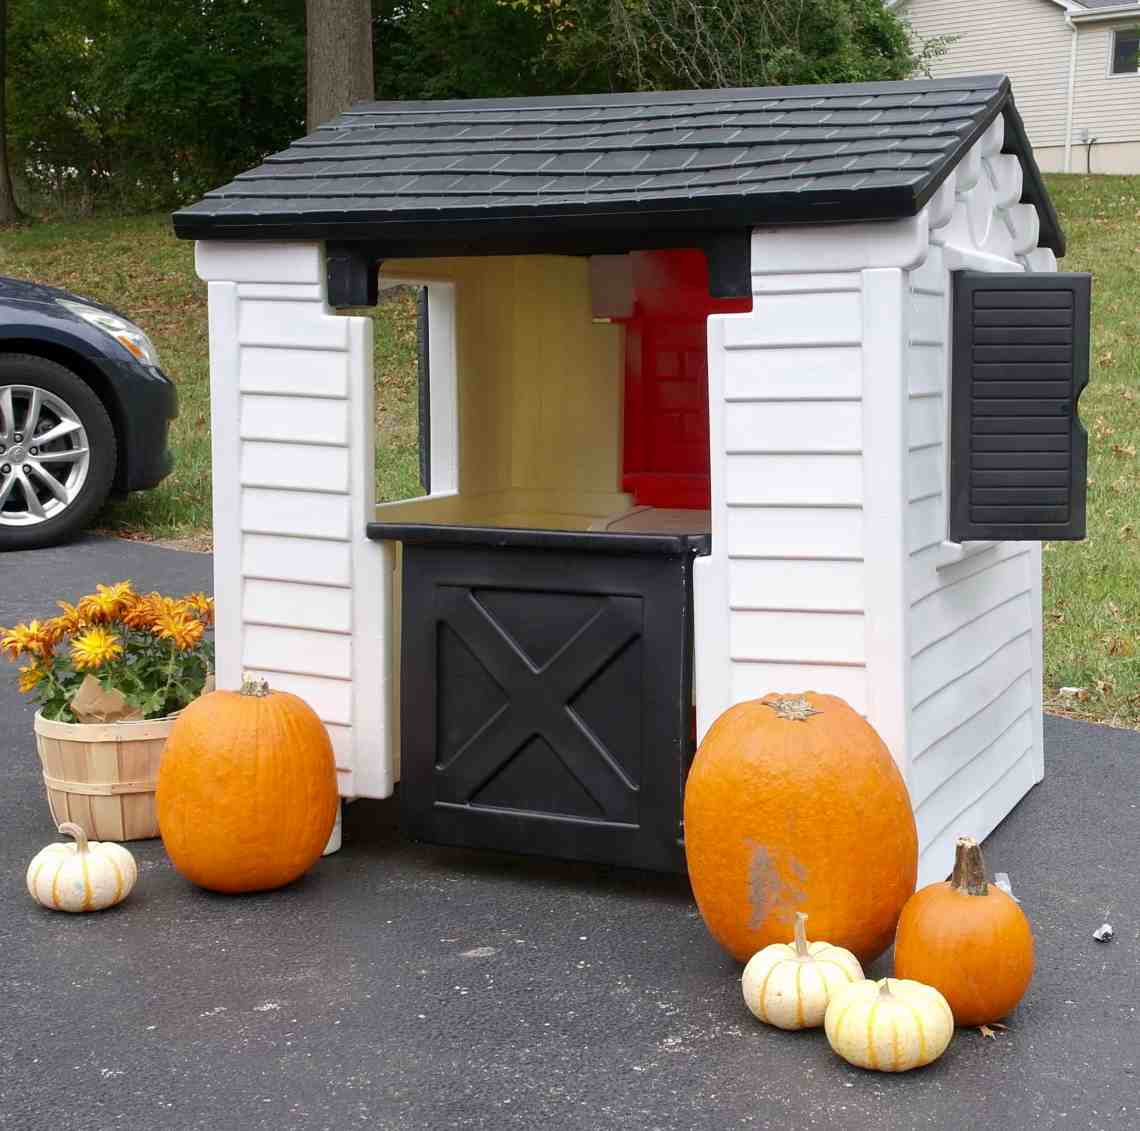 Playhouse Makeover - www.arinsolangeathome.com